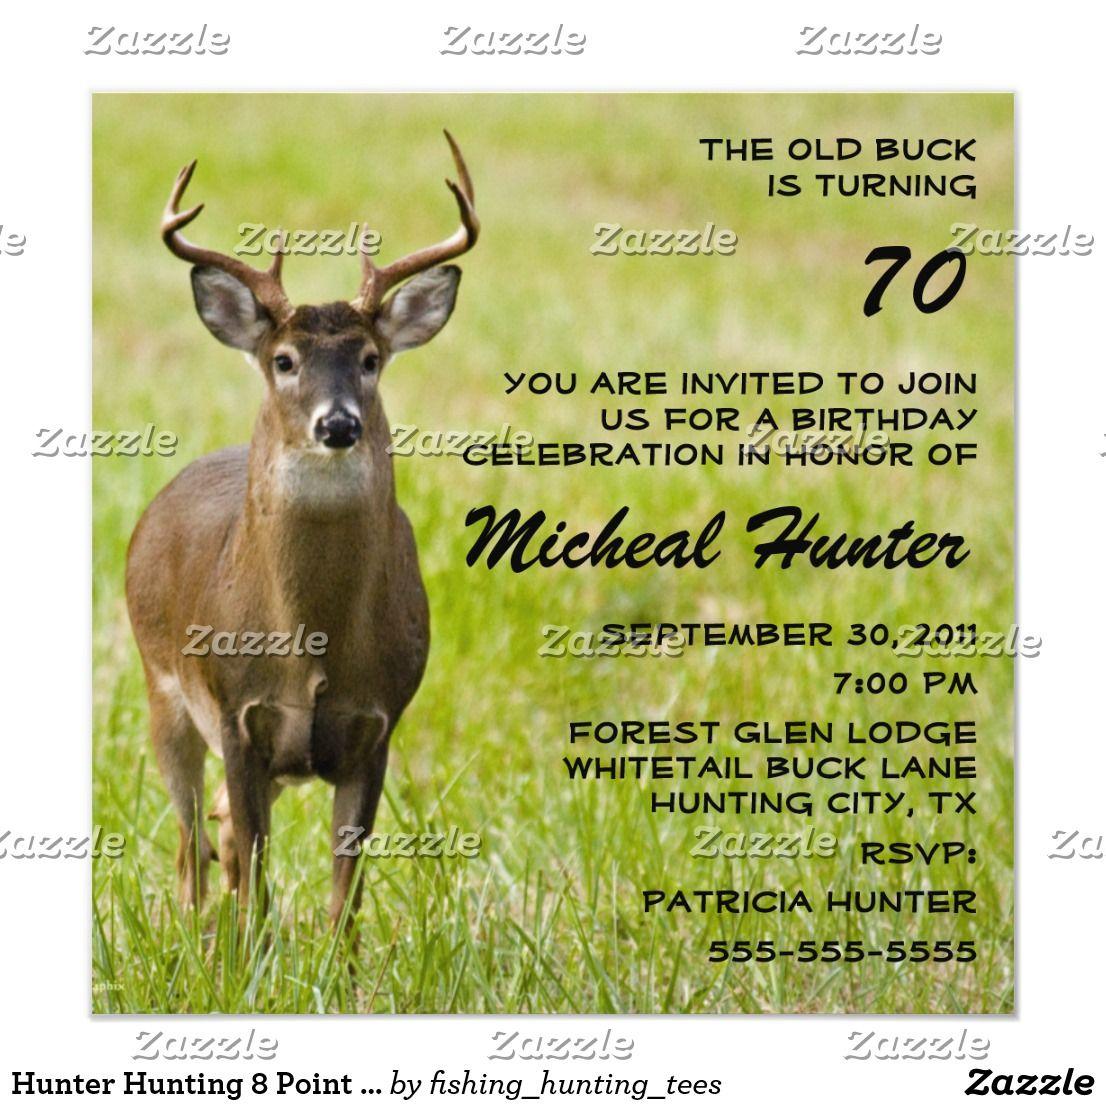 Invitation Chasseur Chassant La Fete D Anniversaire Drole De Zazzle Fr Anniversaire Drole Faire Part Photo Invitation